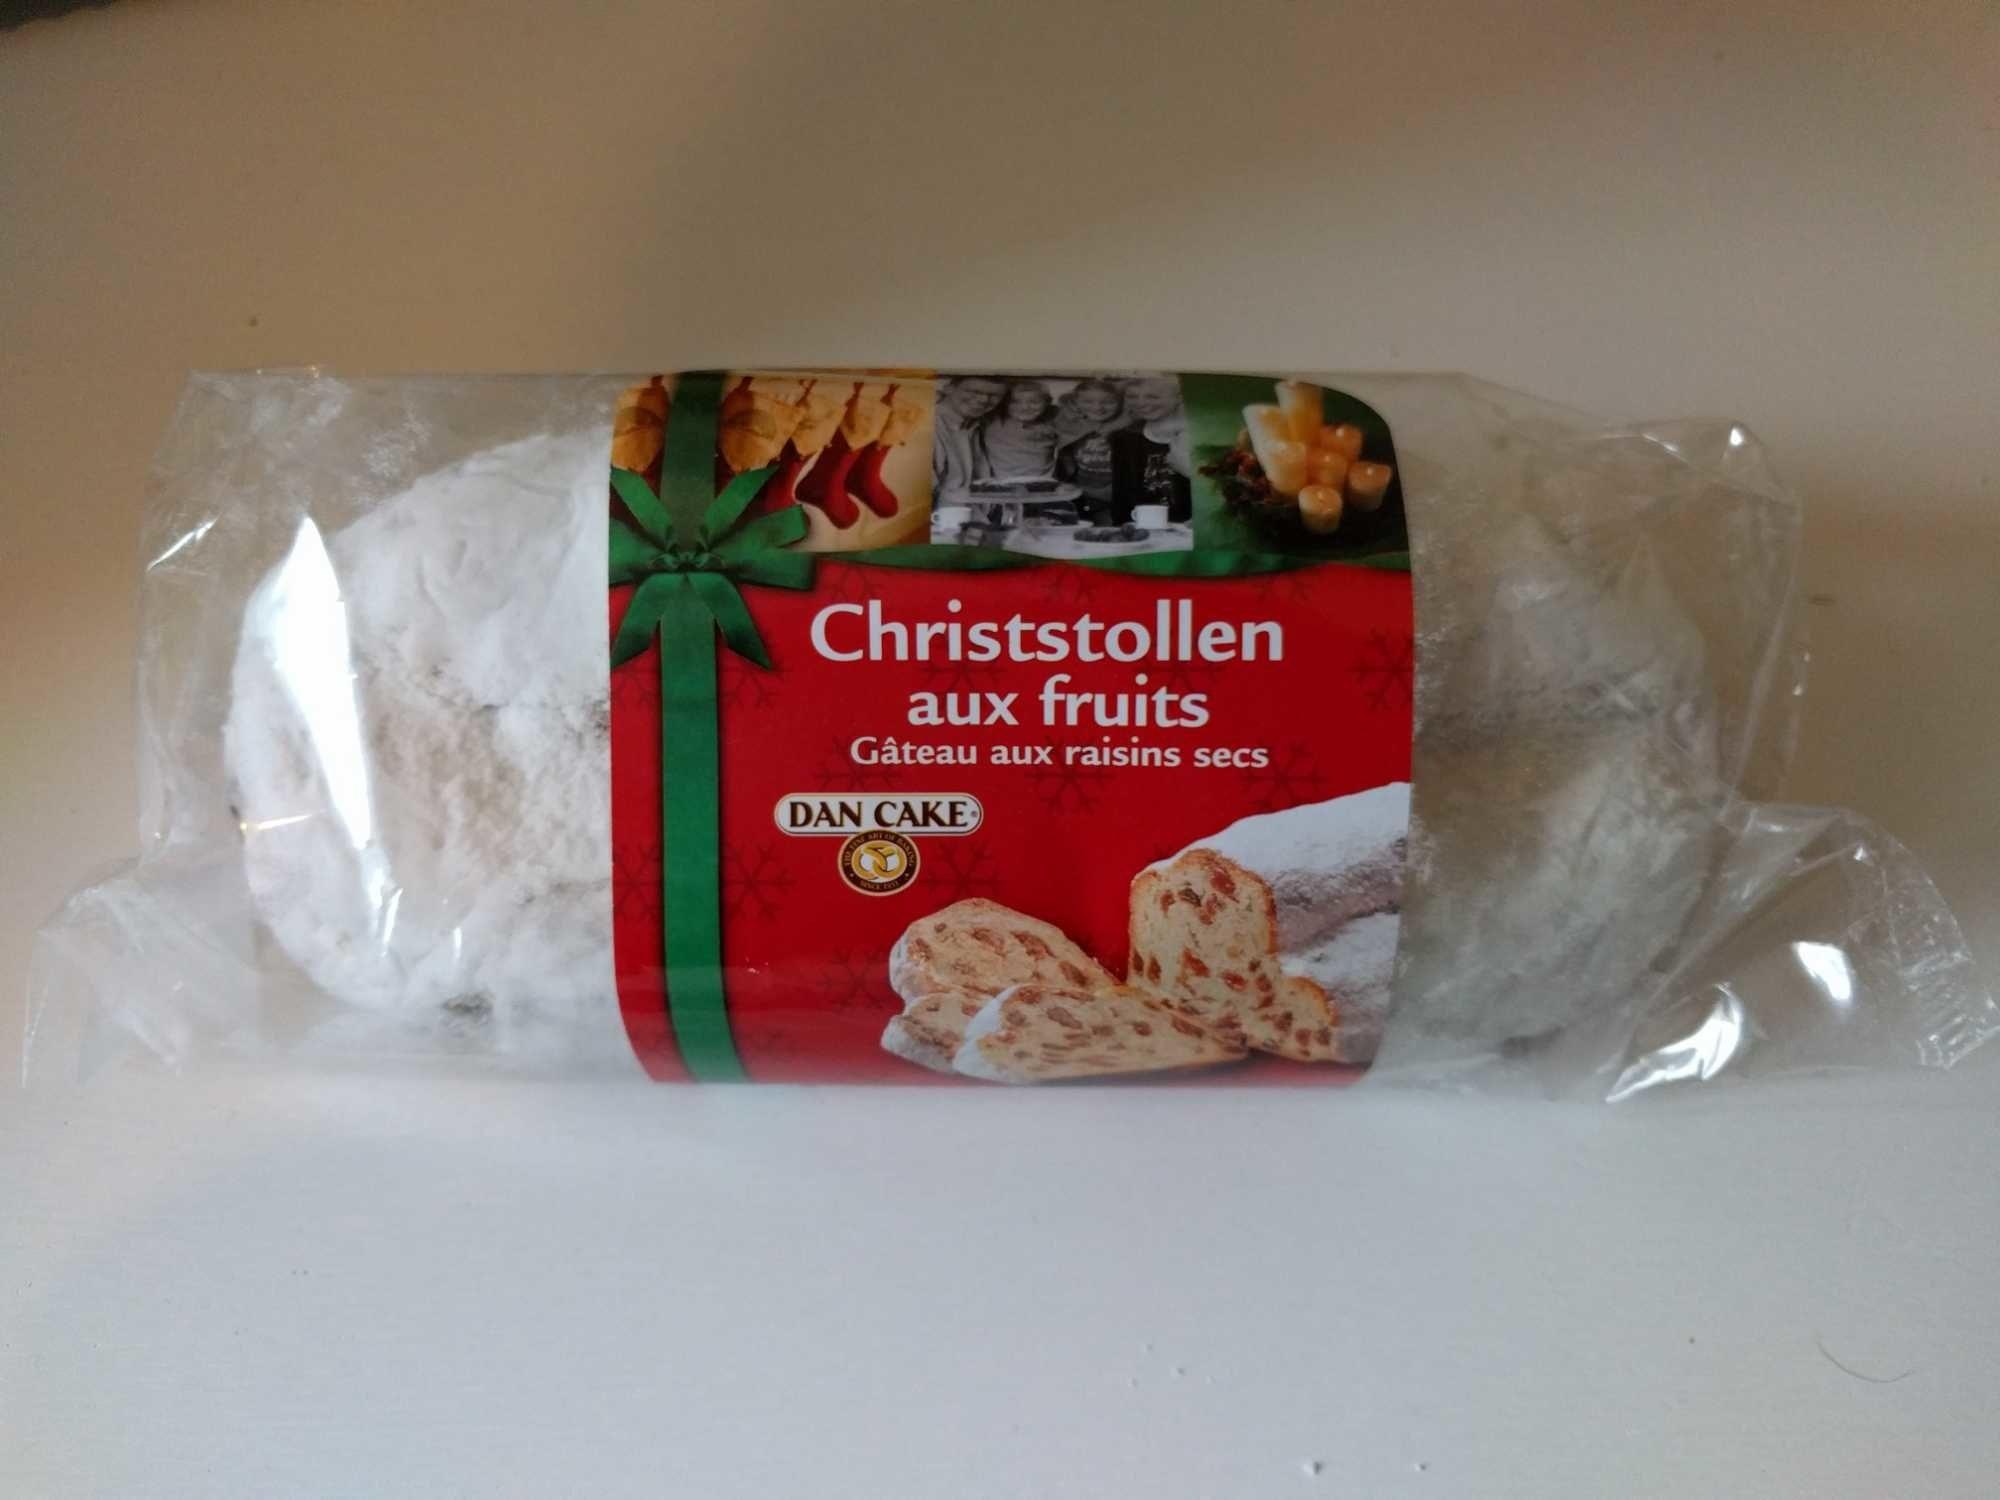 Christstollen aux fruits - Produit - fr